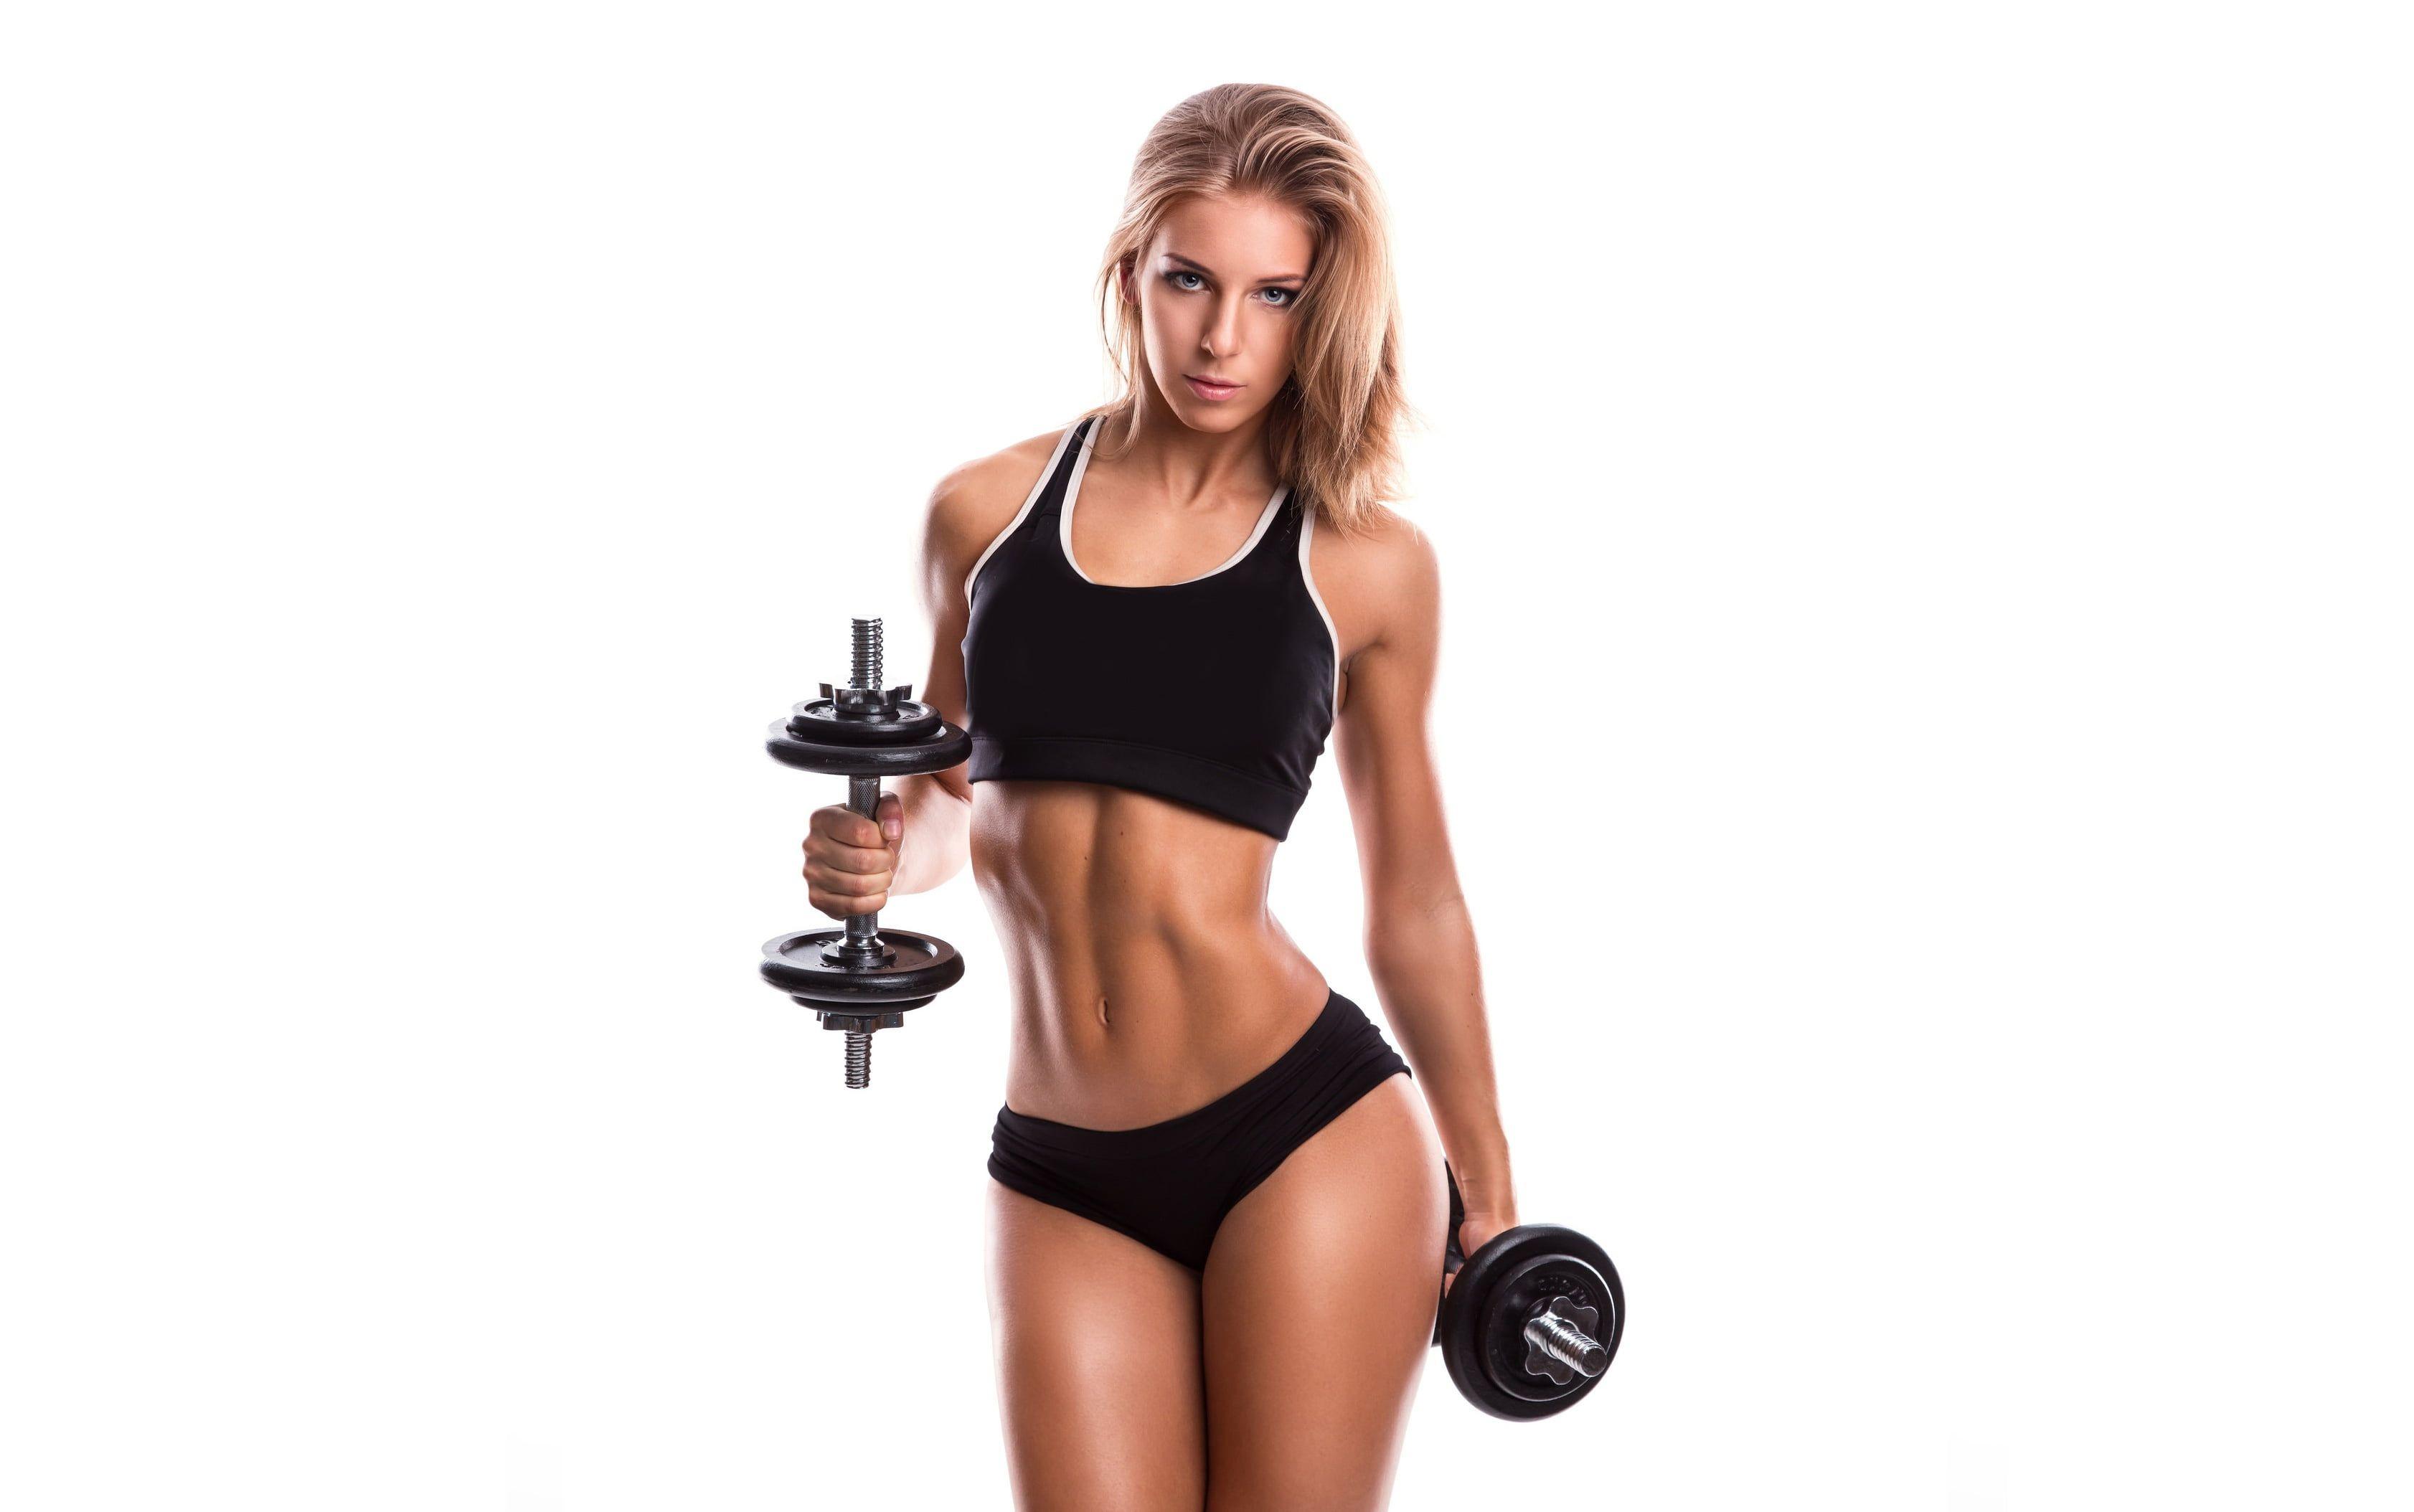 women's black sport bra #girl #face #hair #body #figure #sports #fitness #dumbbells #2K #wallpaper #...